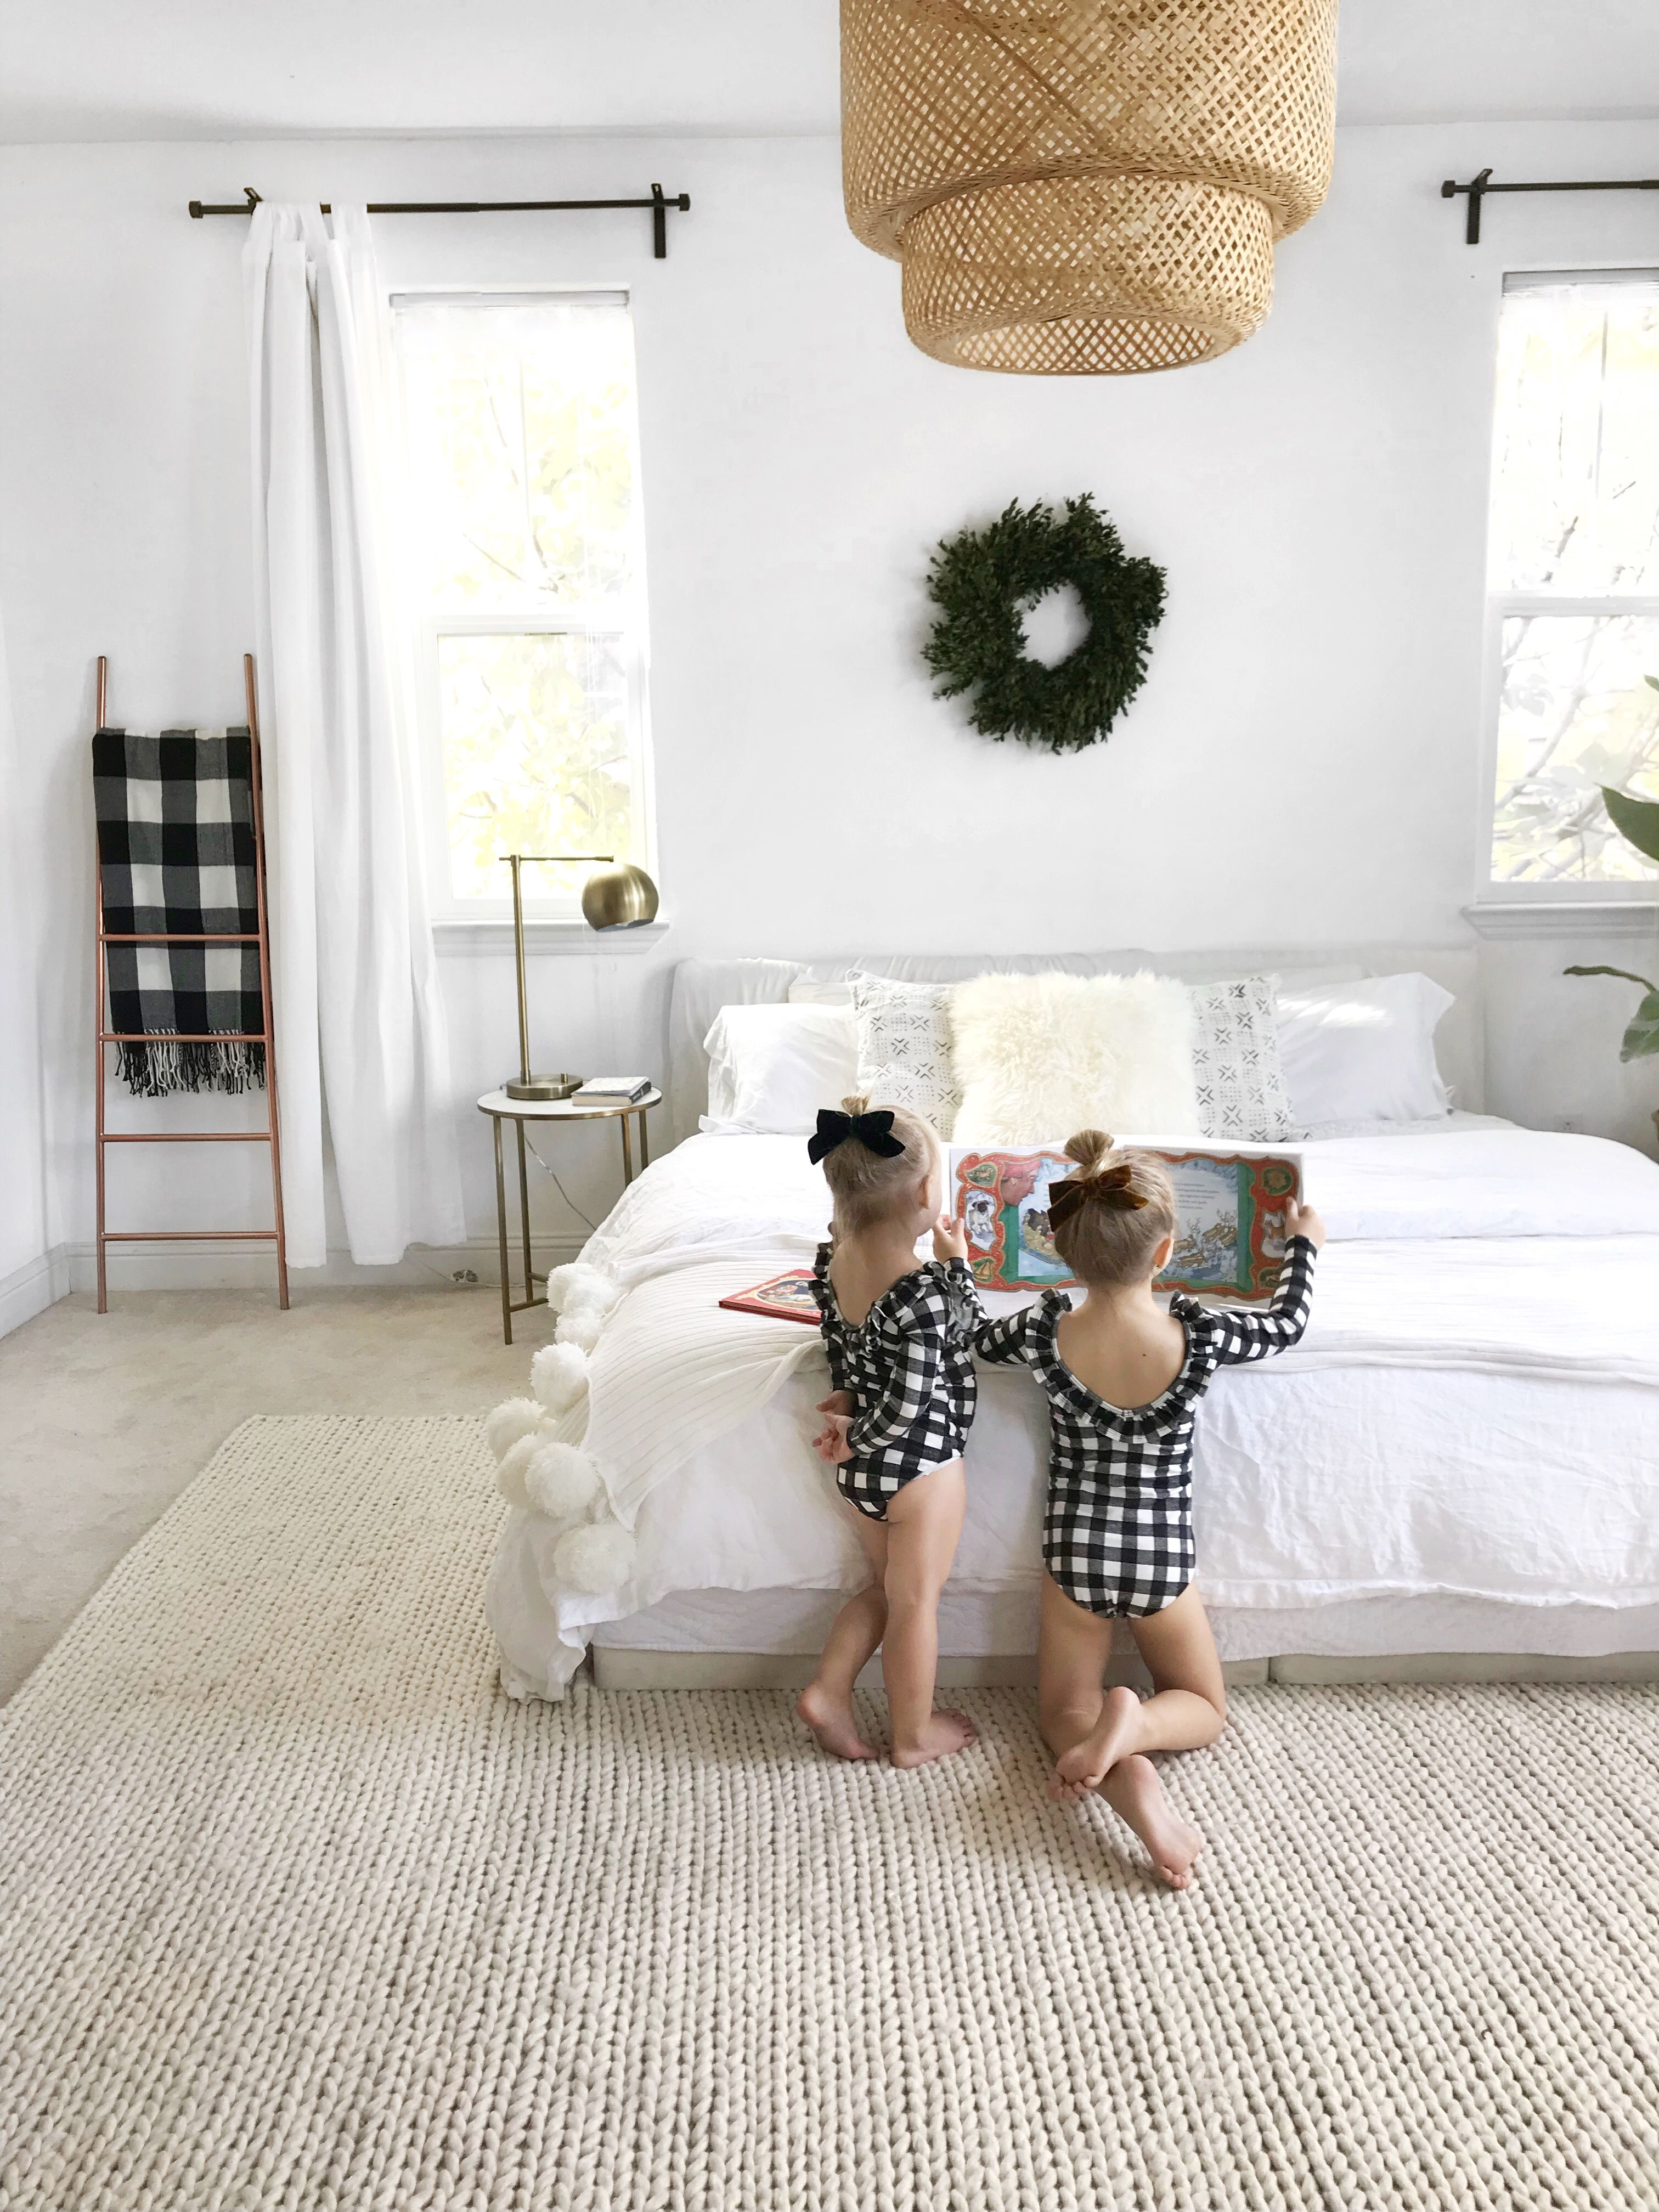 White Neutral Bedroom Boho Ikea Pendant Scandinavian Boho Pom Pom Blanket Minimalist Bedroom Decor Neutral Bedroom Bedroom Boho Living Room Design White